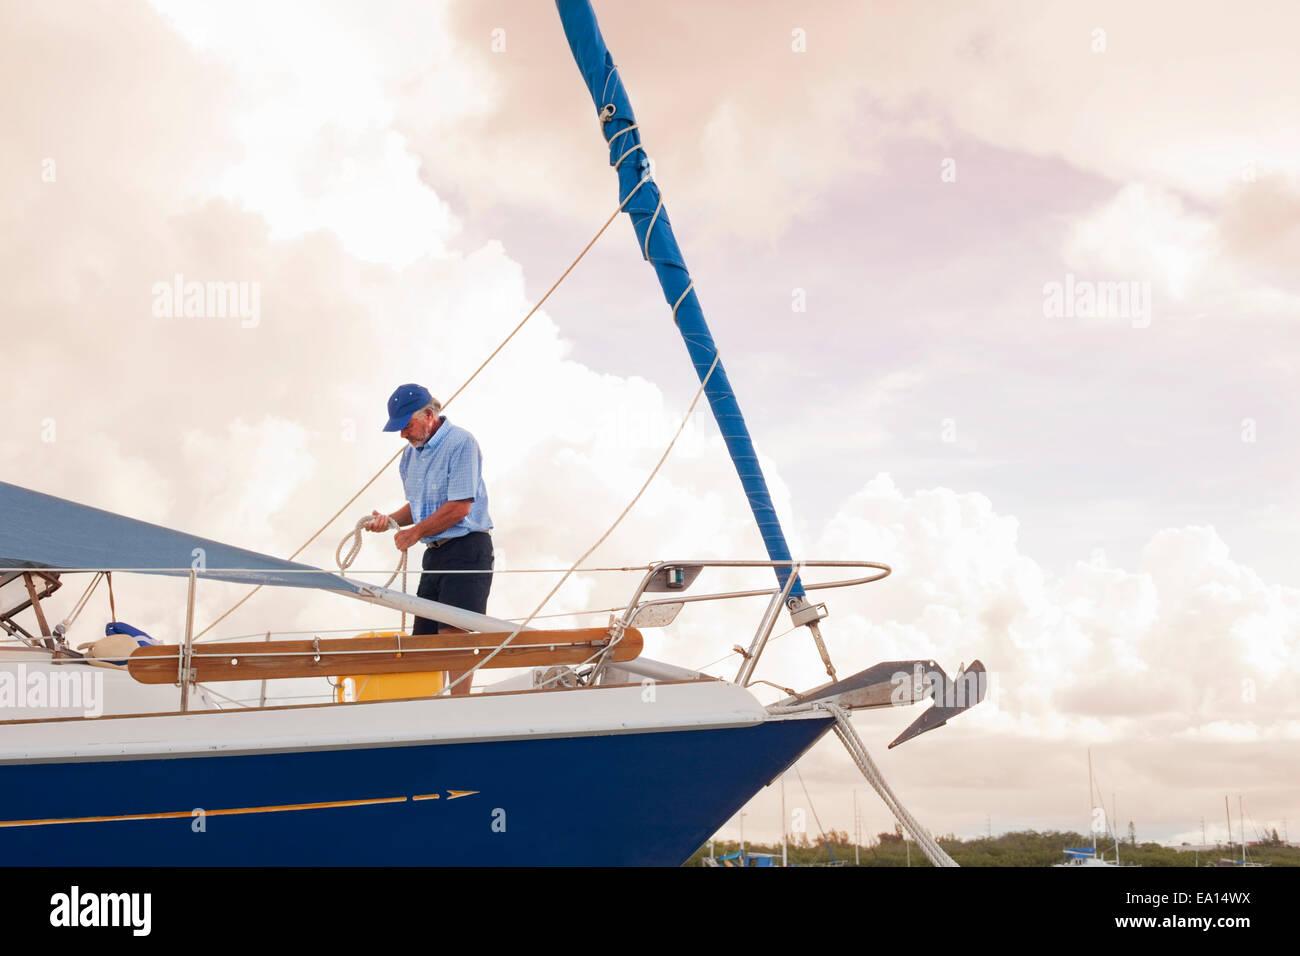 Senior man checking ropes on sailboat - Stock Image